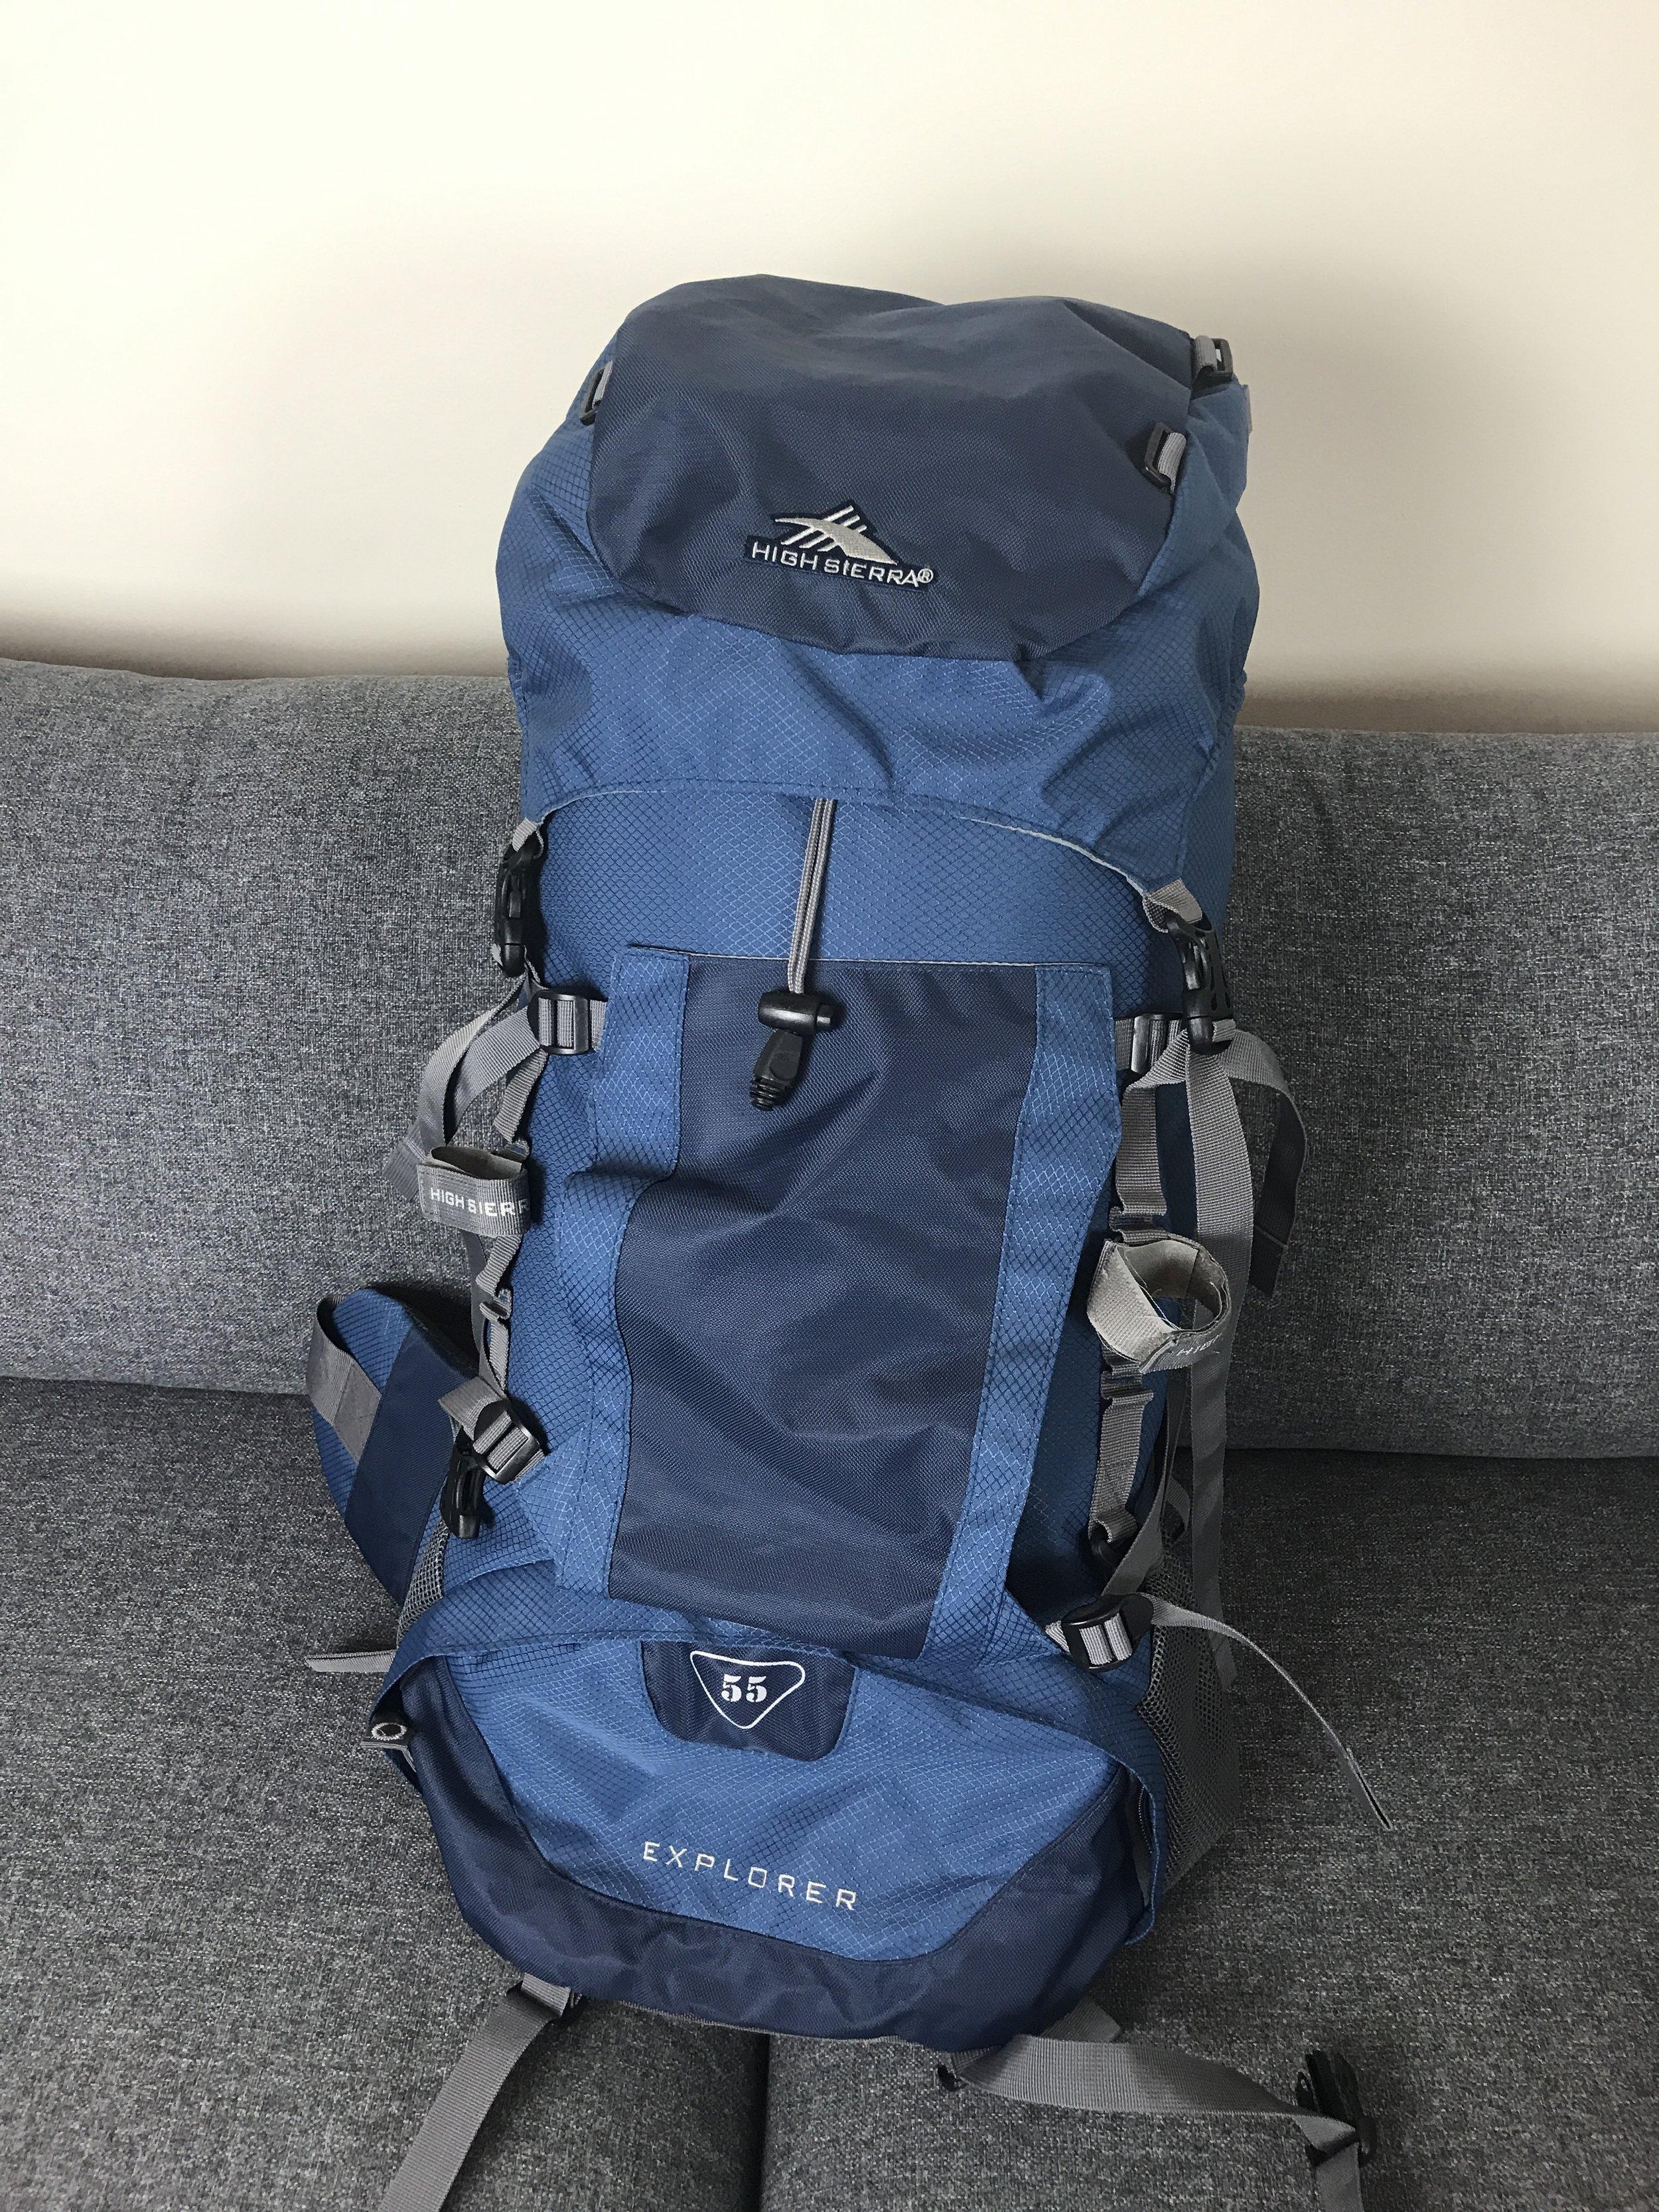 High Sierra 55L backpack